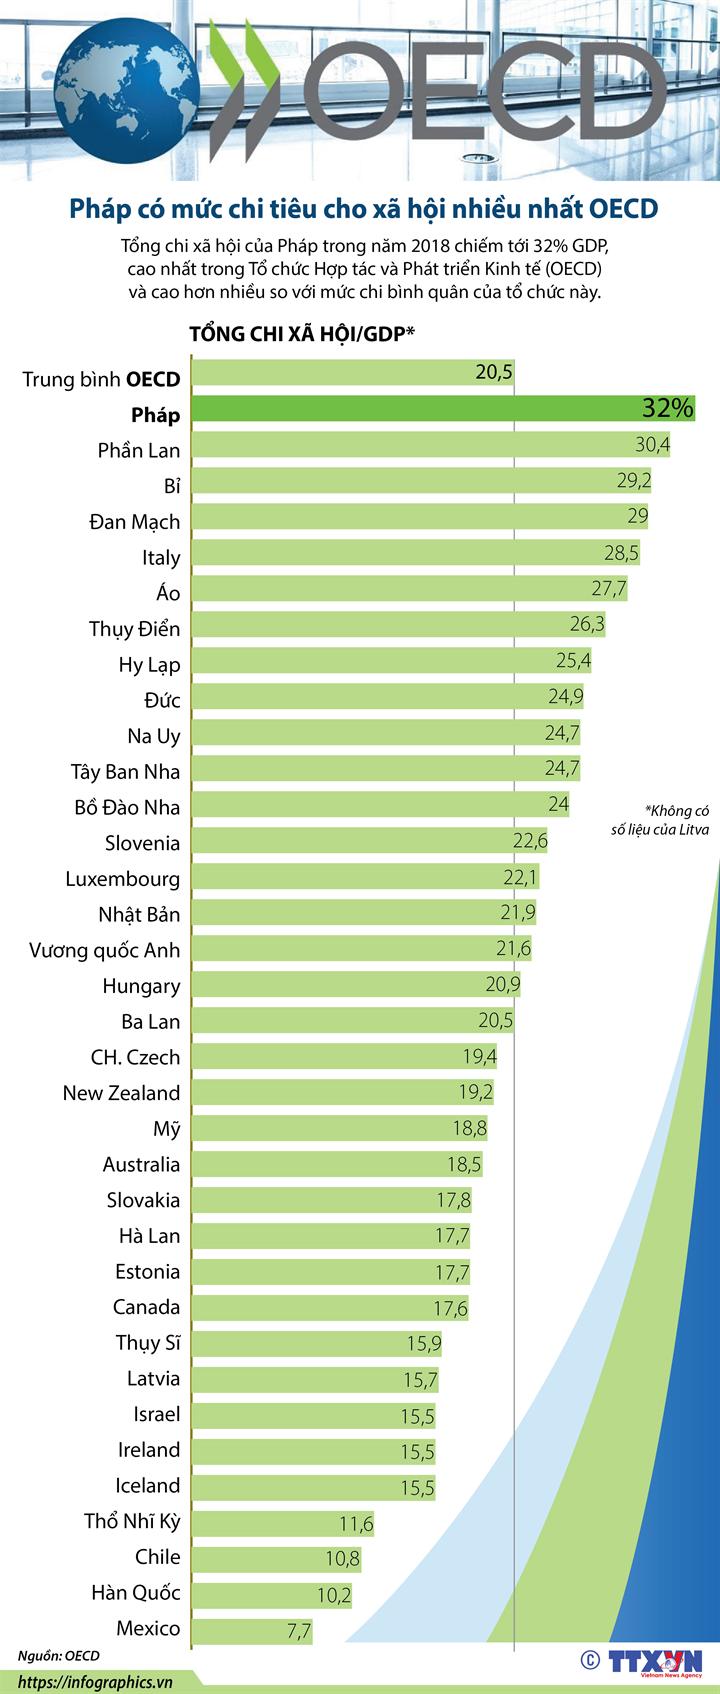 Pháp có mức chi tiêu cho xã hội nhiều nhất OECD